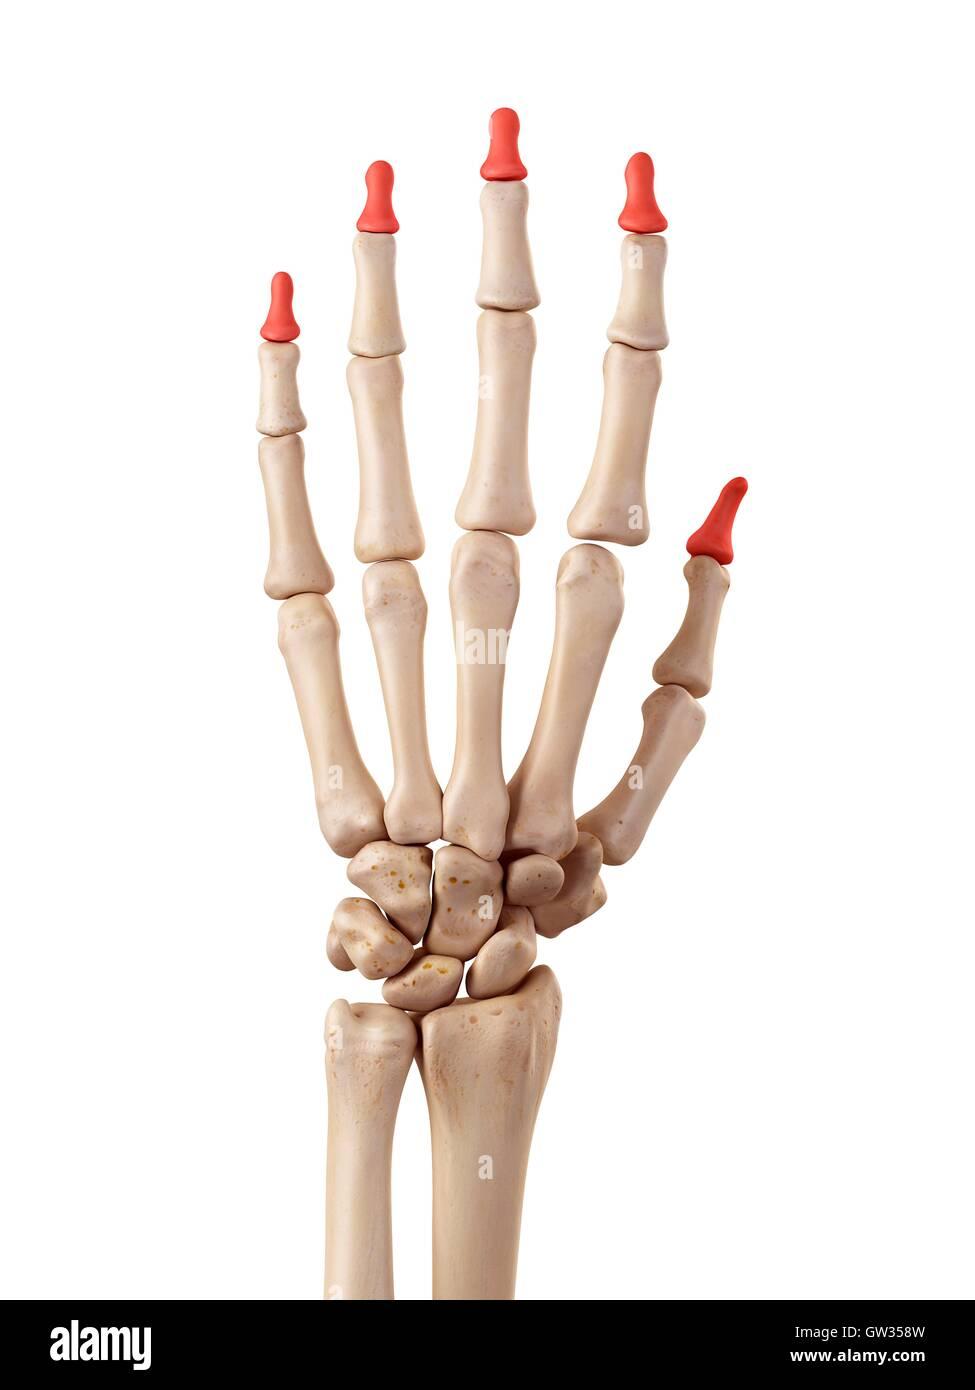 Großartig Bild Von Handknochen Zeitgenössisch - Menschliche Anatomie ...